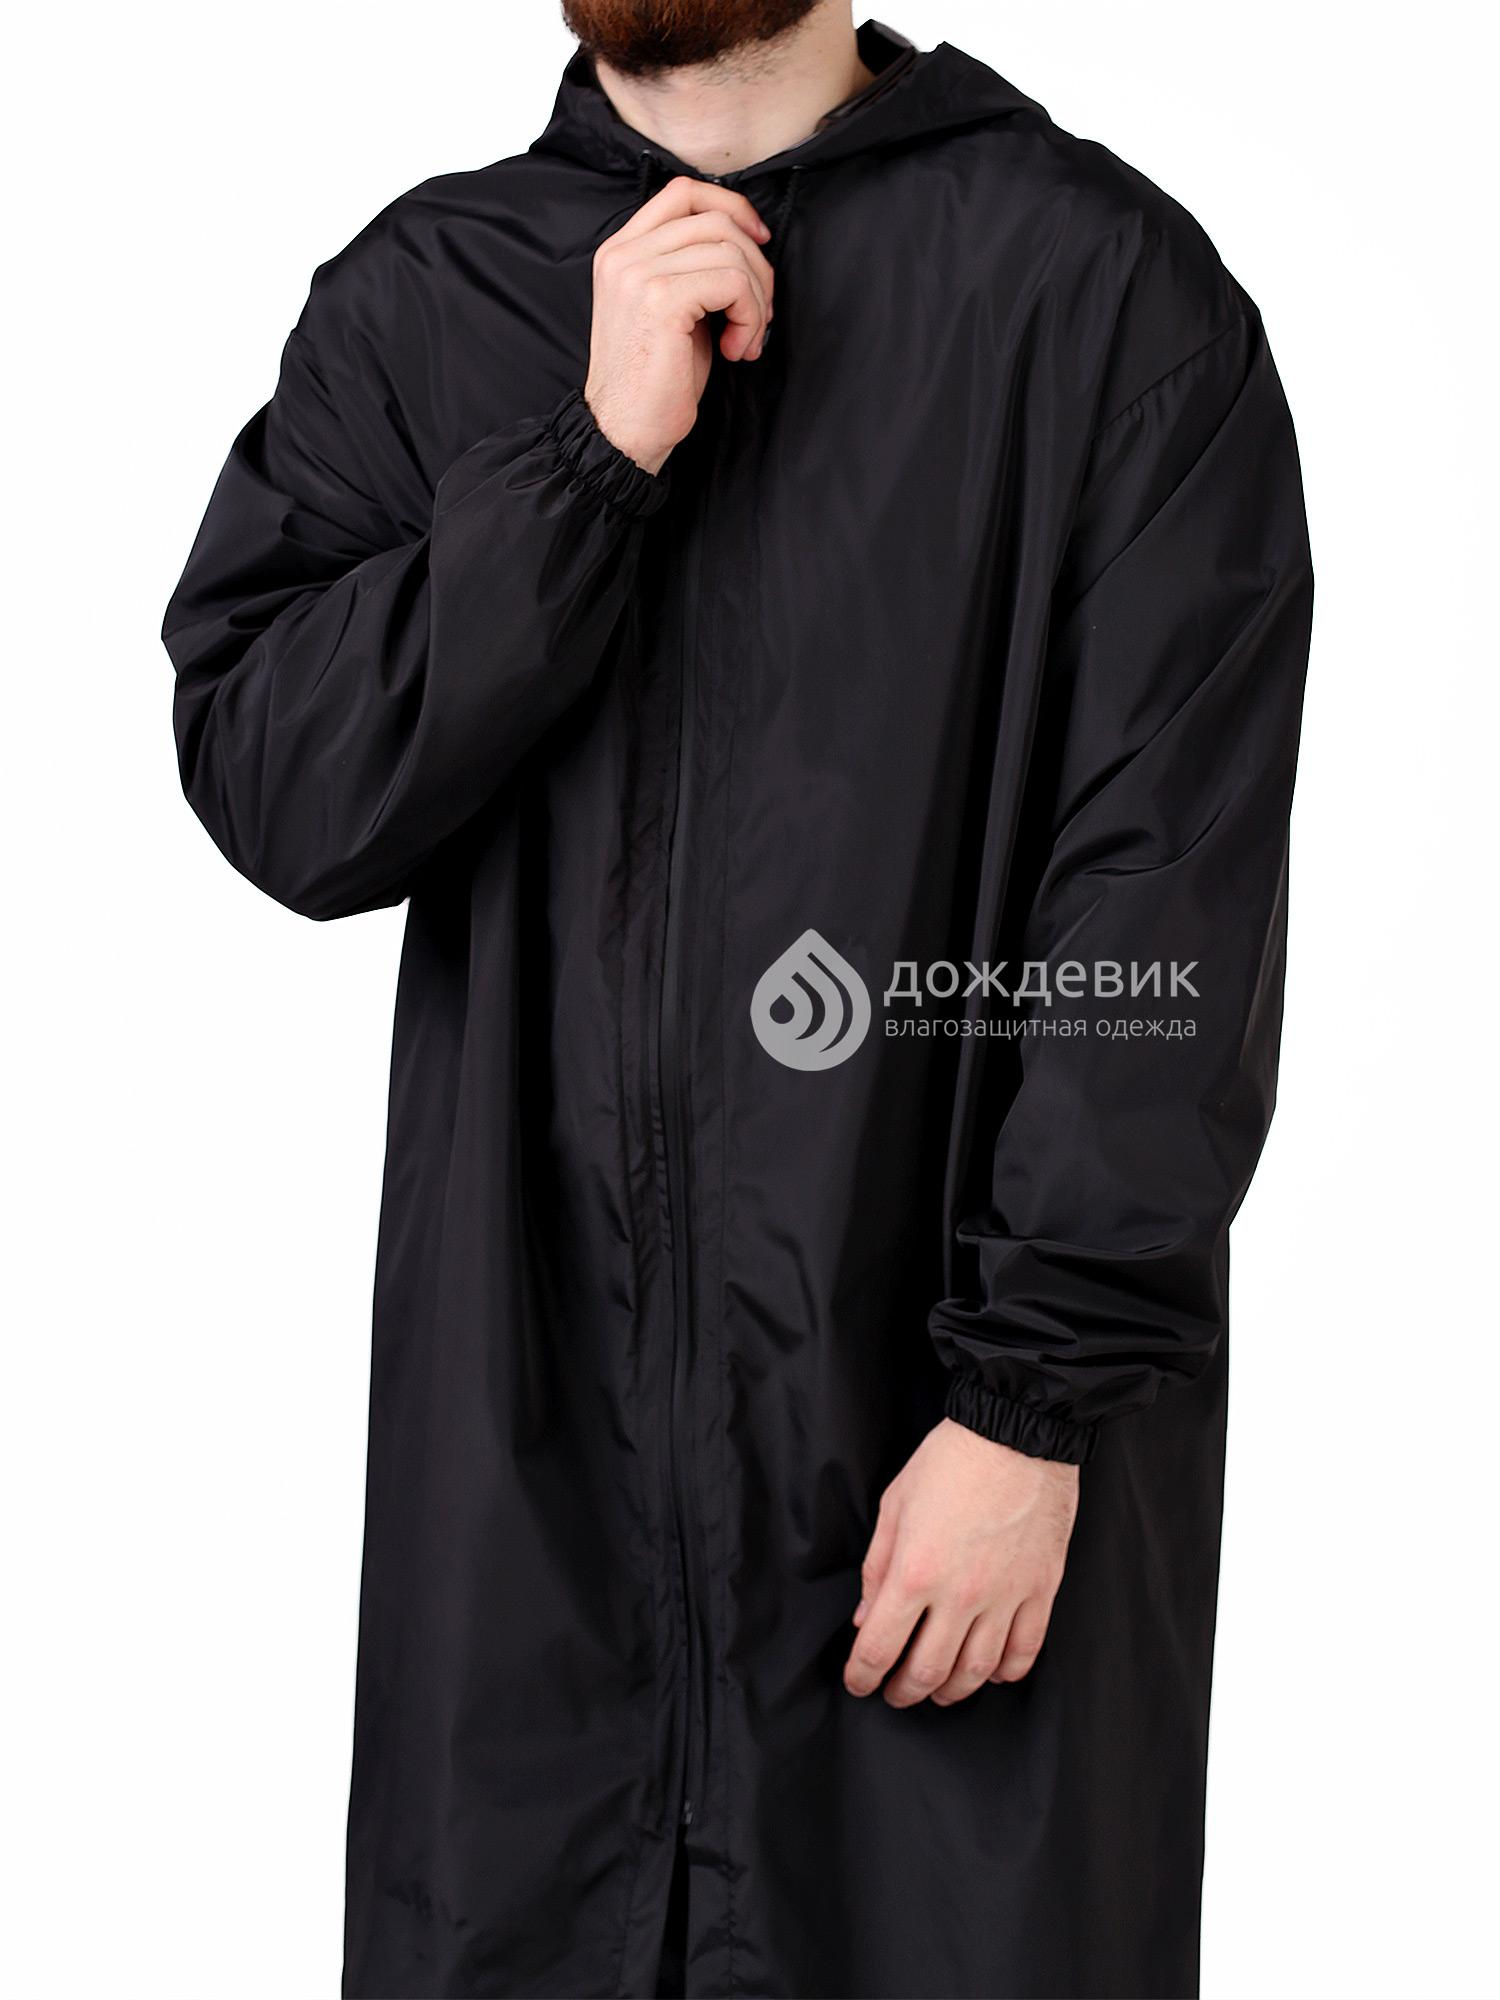 Плащ-дождевик из водонепроницаемой ткани черный